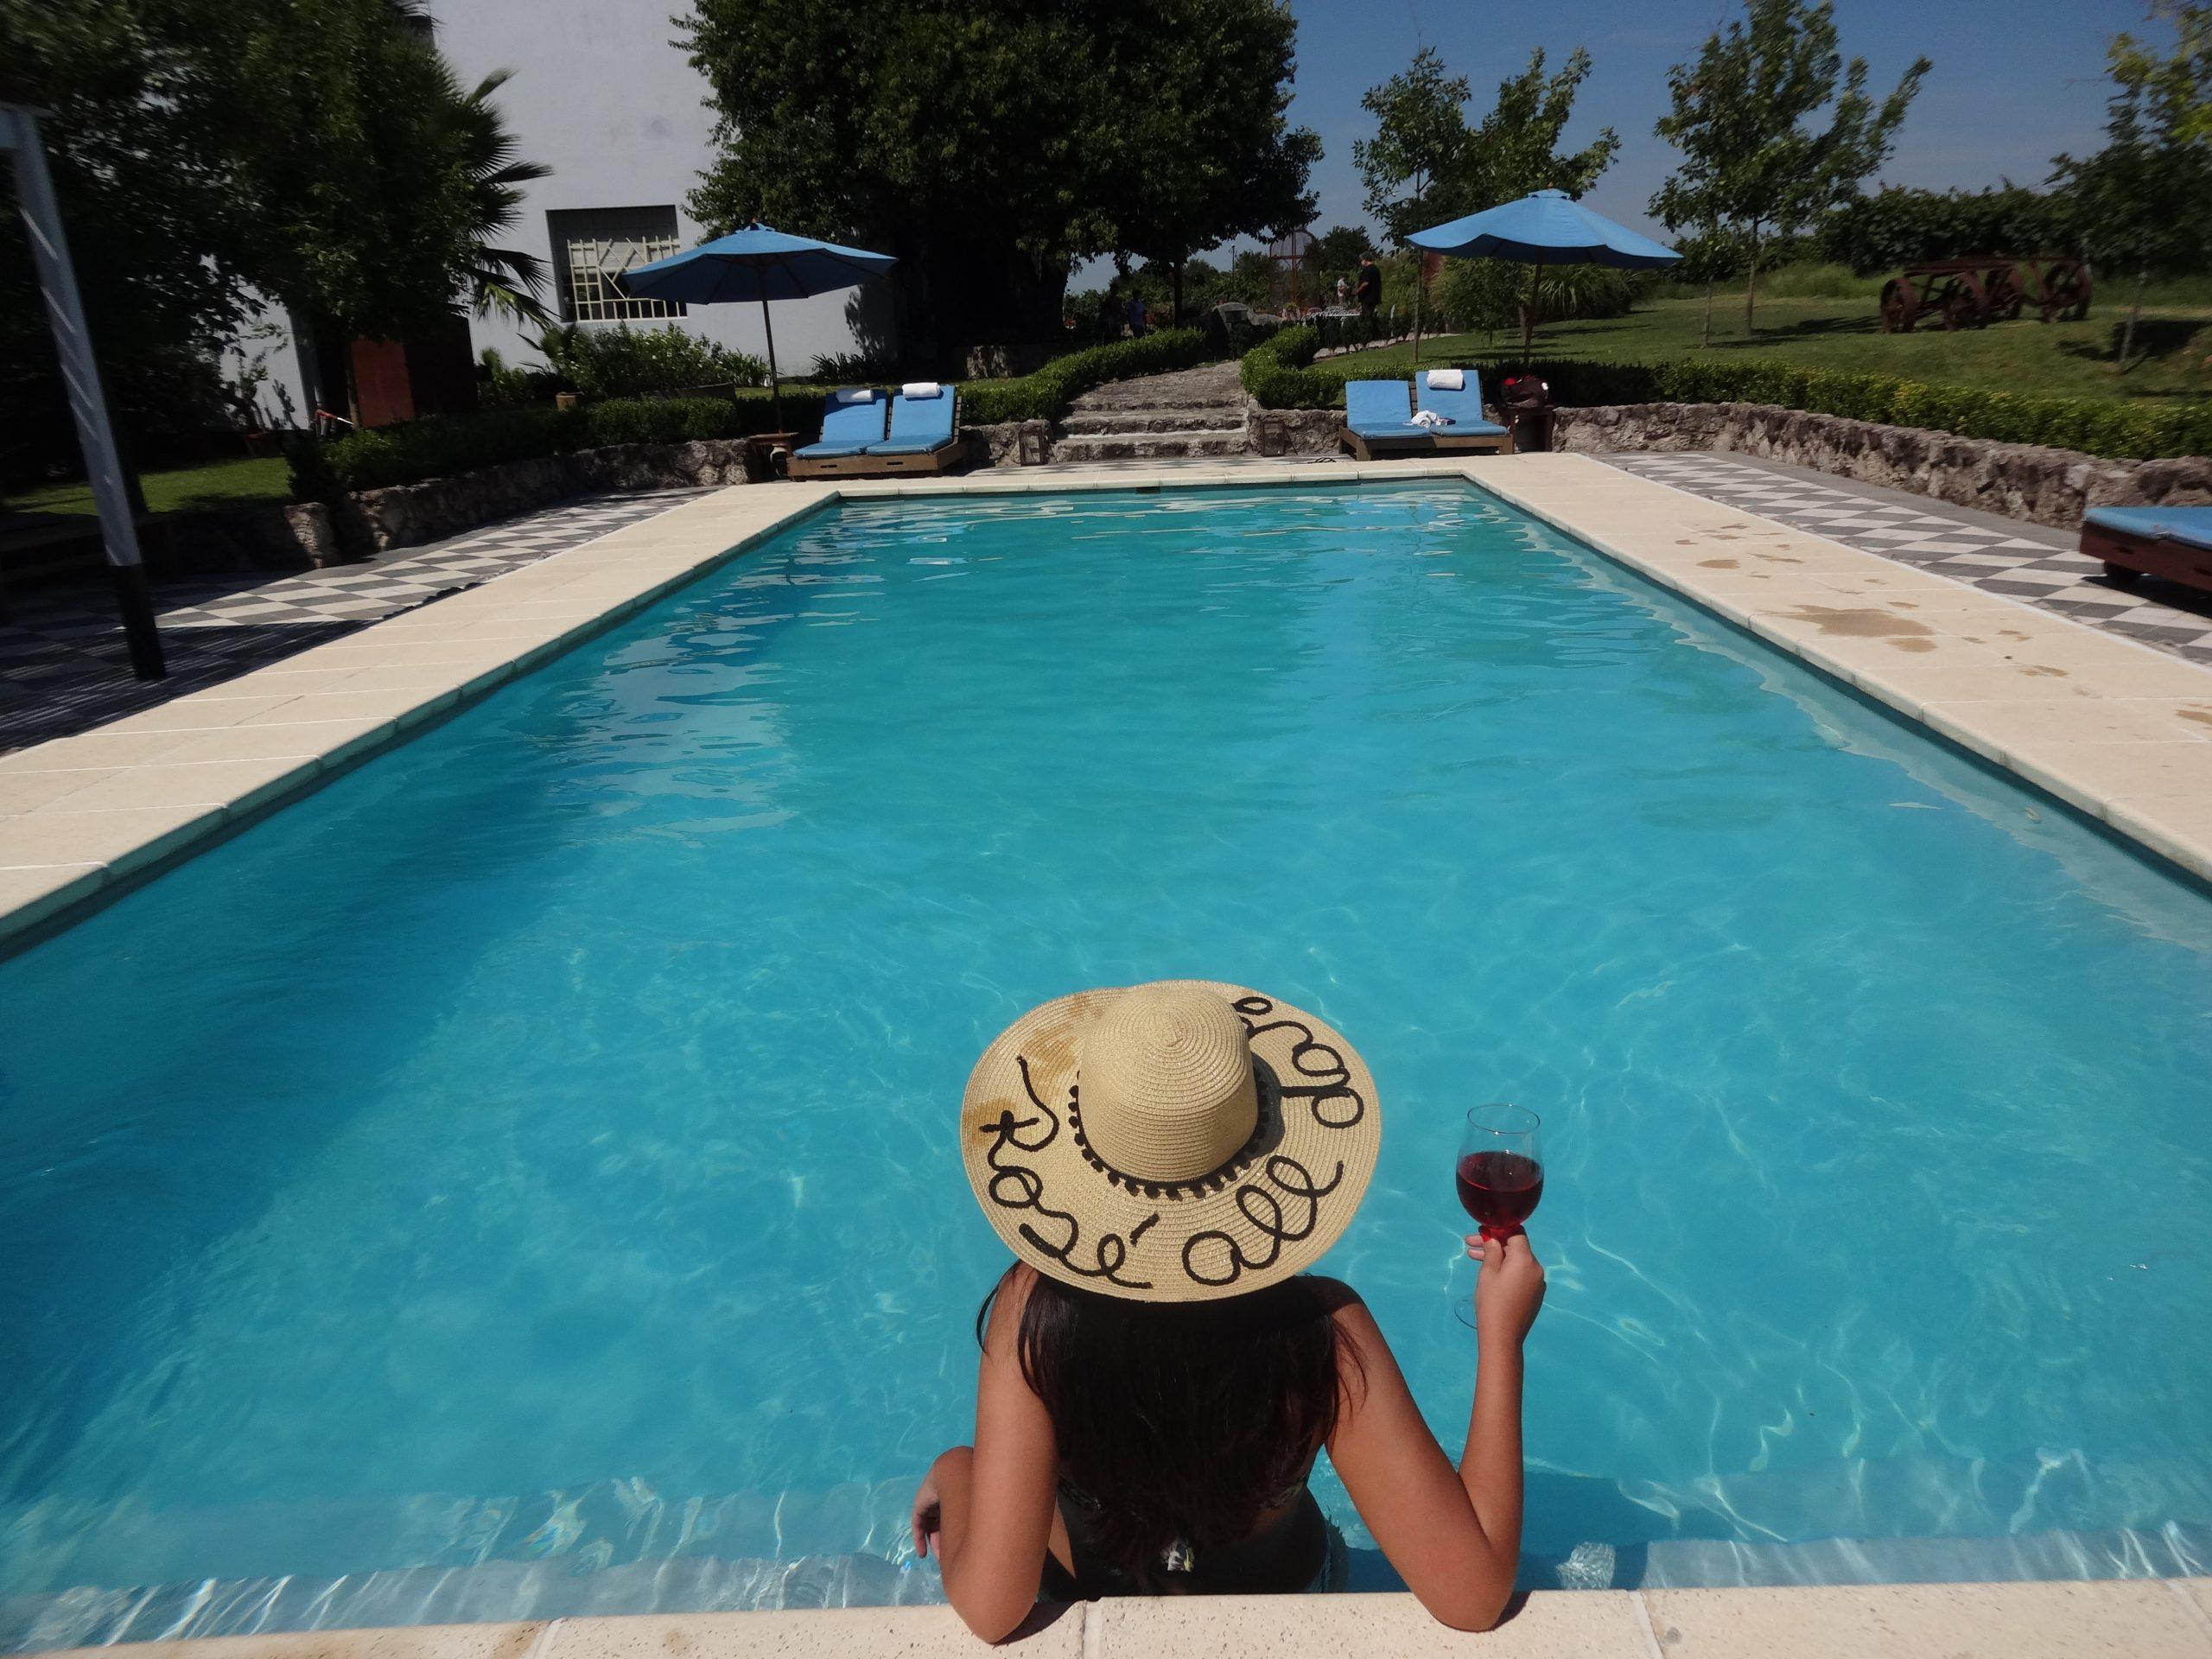 piscina-narbona-viagem-no-detalhe